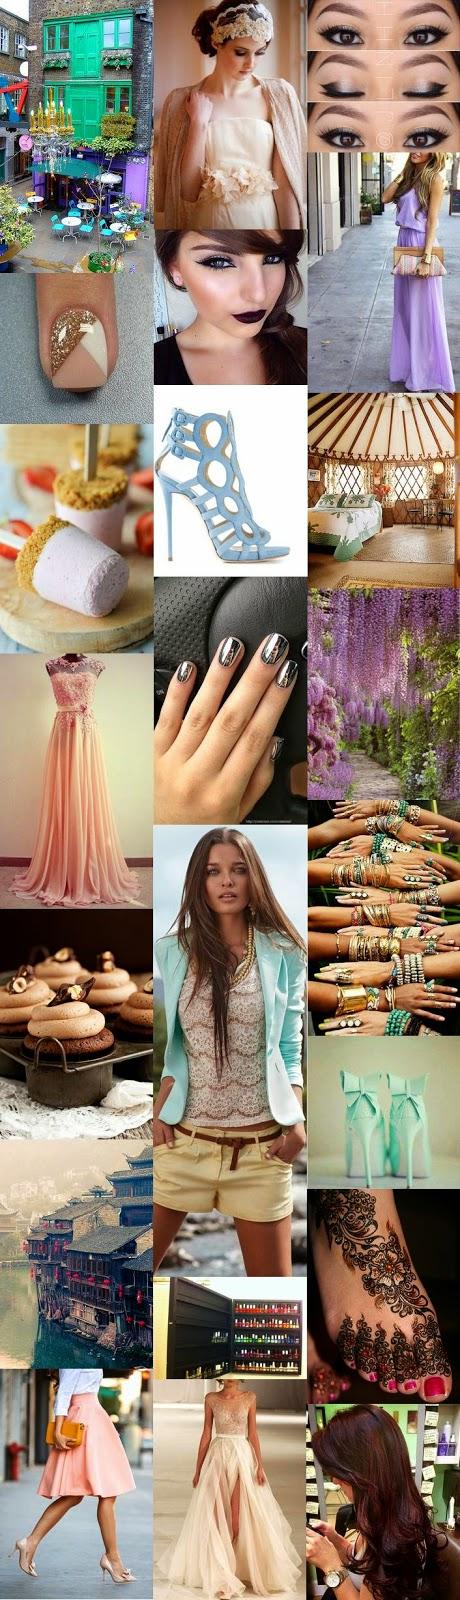 henné cheveux violet lanterne chinoise chambre vernithèque sandale bleu escarpin vert pastel nail art dentelle